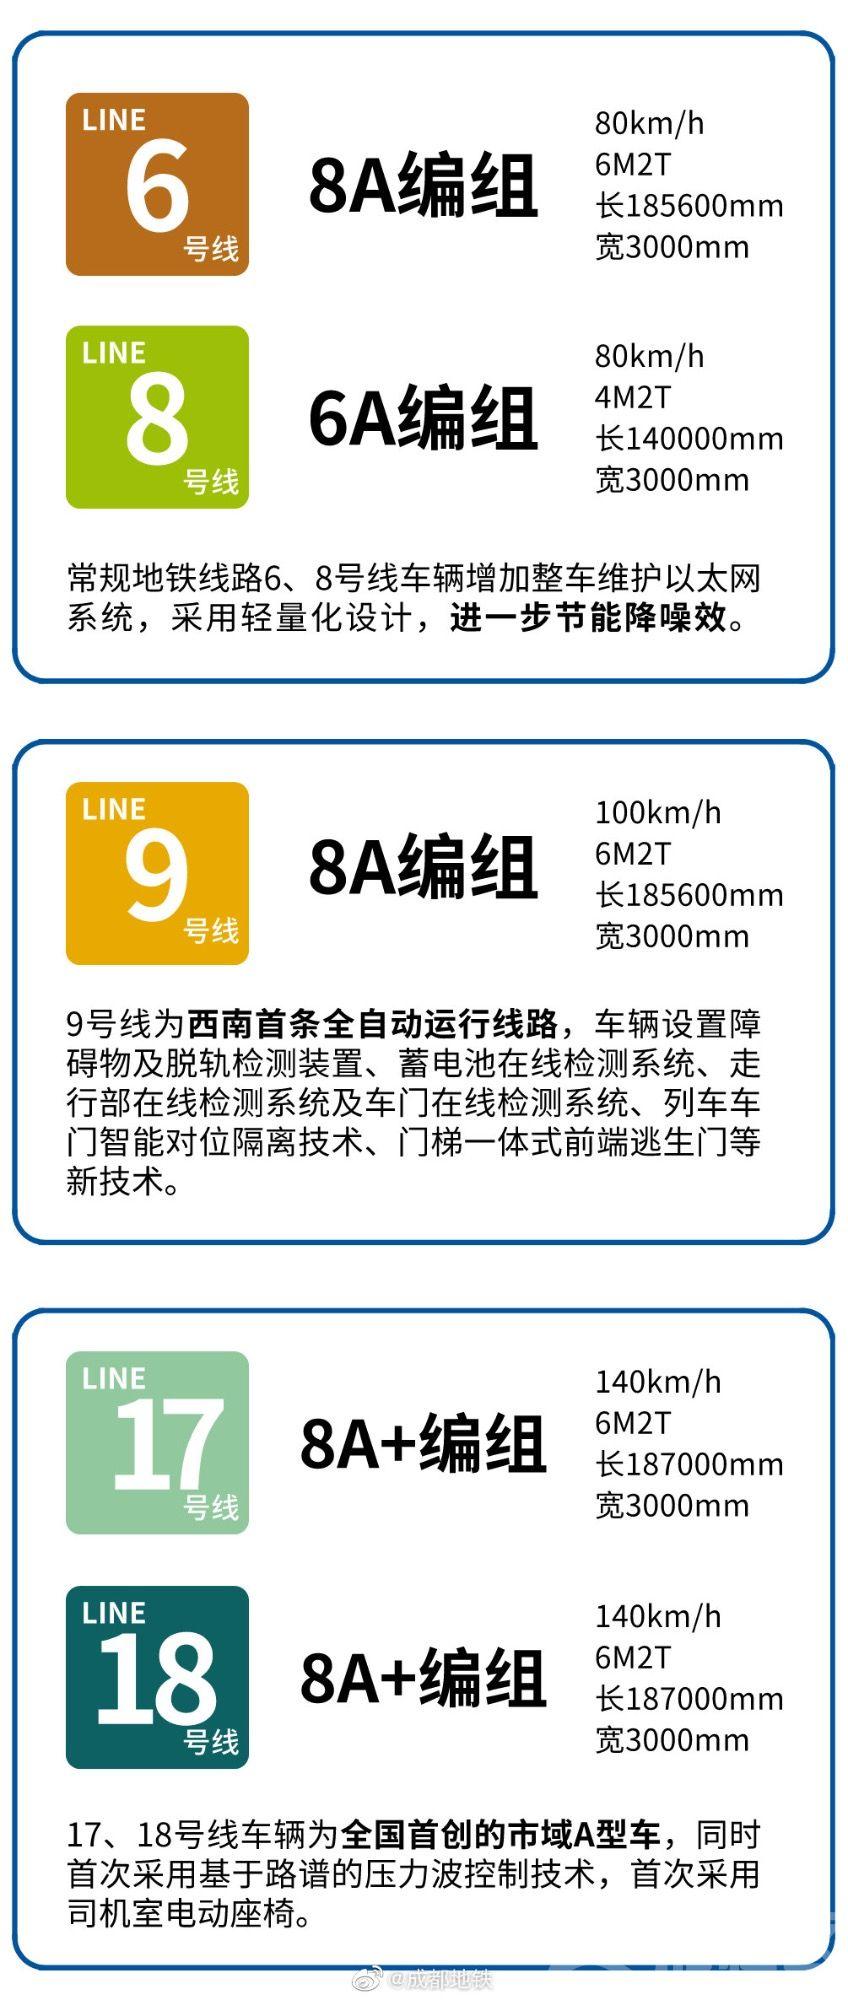 D187DC1D-C13A-4FC4-8C5F-307D6454367A.jpeg